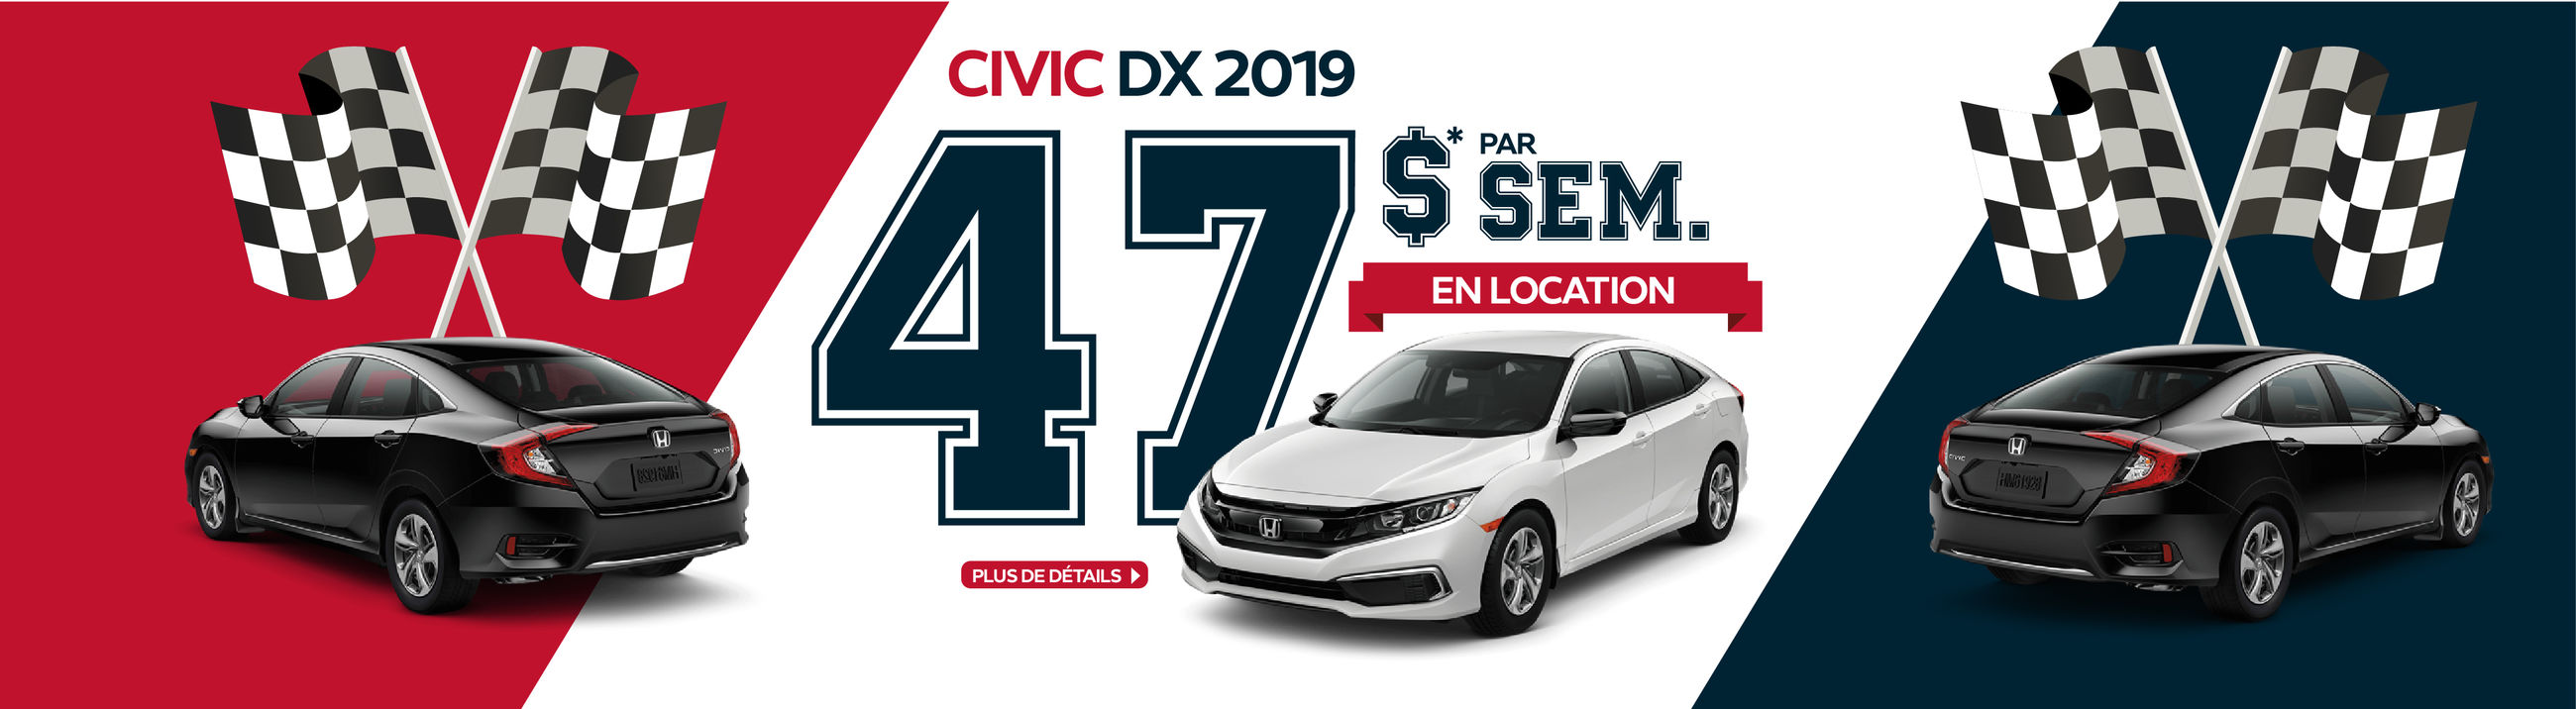 Civic DX à 47$ par semaine